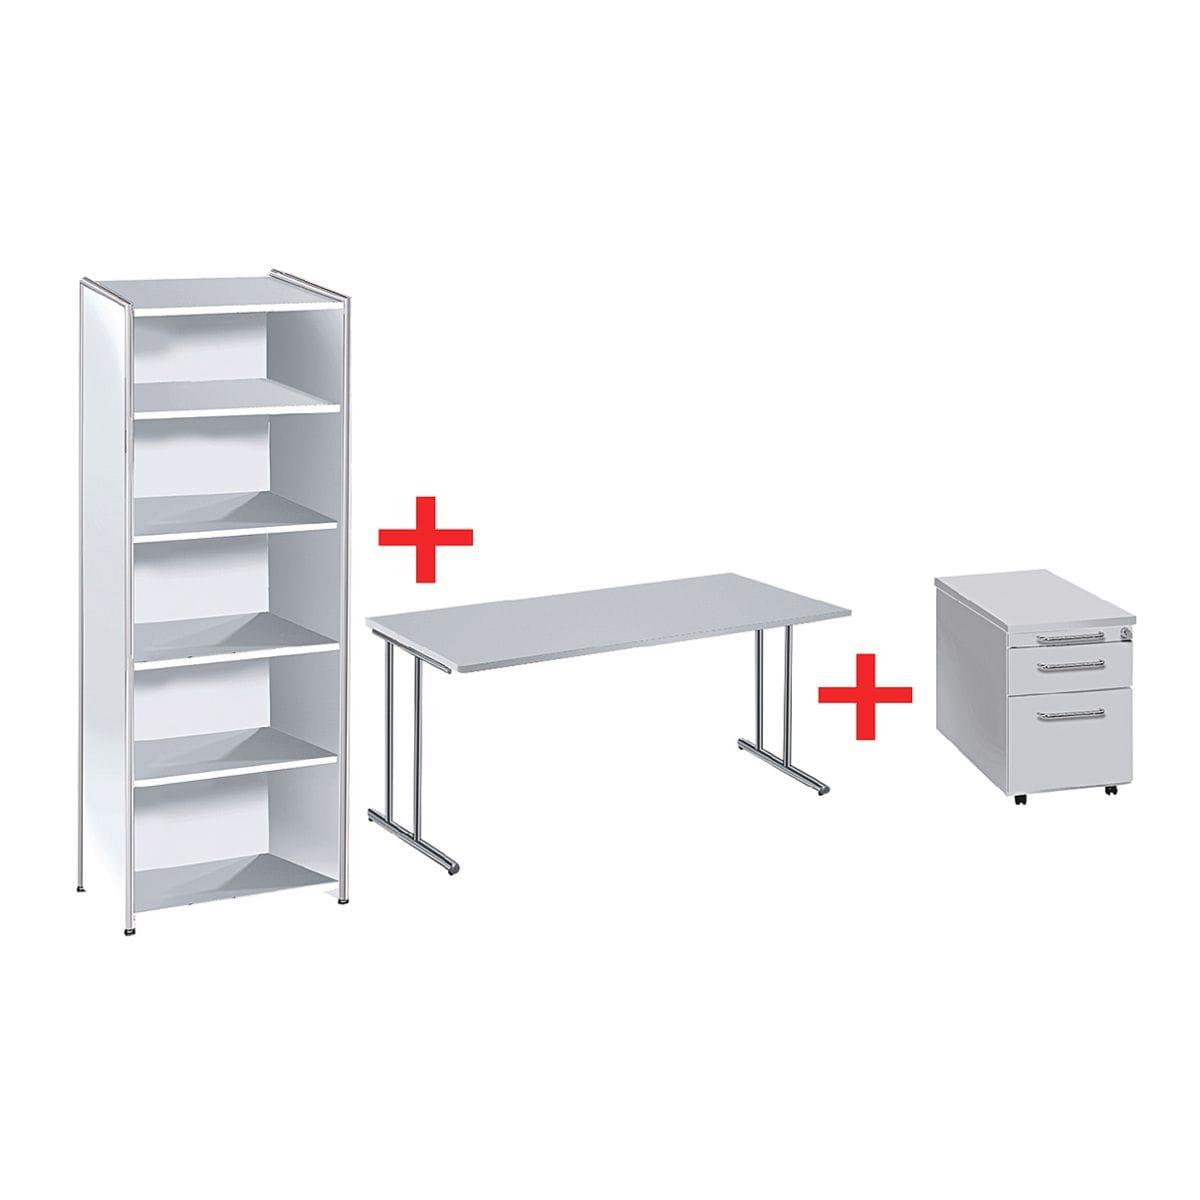 kerkmann m bel set artline transparent 3 teilig schreibitsch mit c fu rollcontainer und. Black Bedroom Furniture Sets. Home Design Ideas